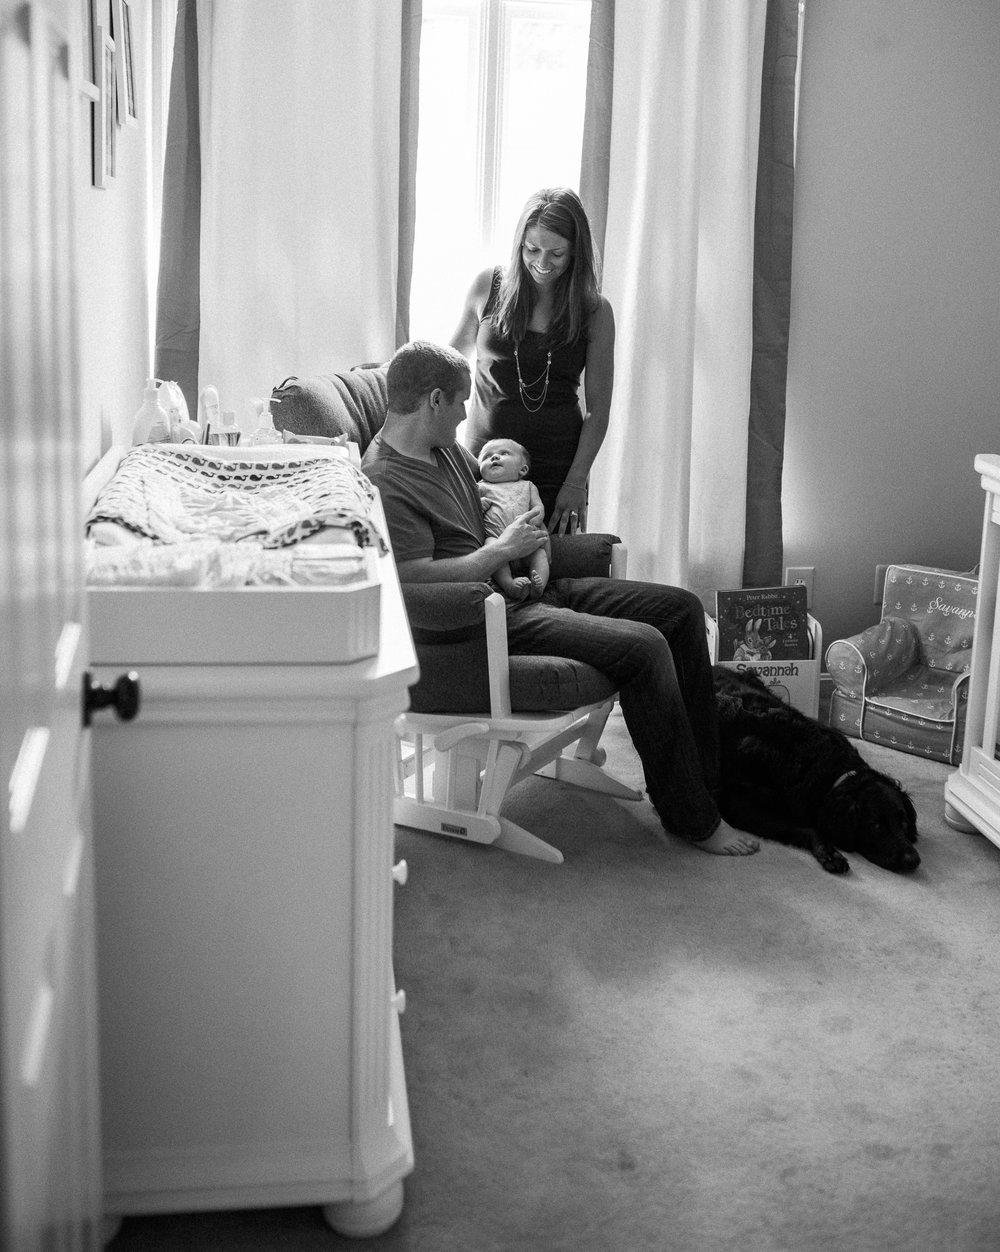 harford-county-newborn-photographer-breanna-kuhlmann-6-3.jpg